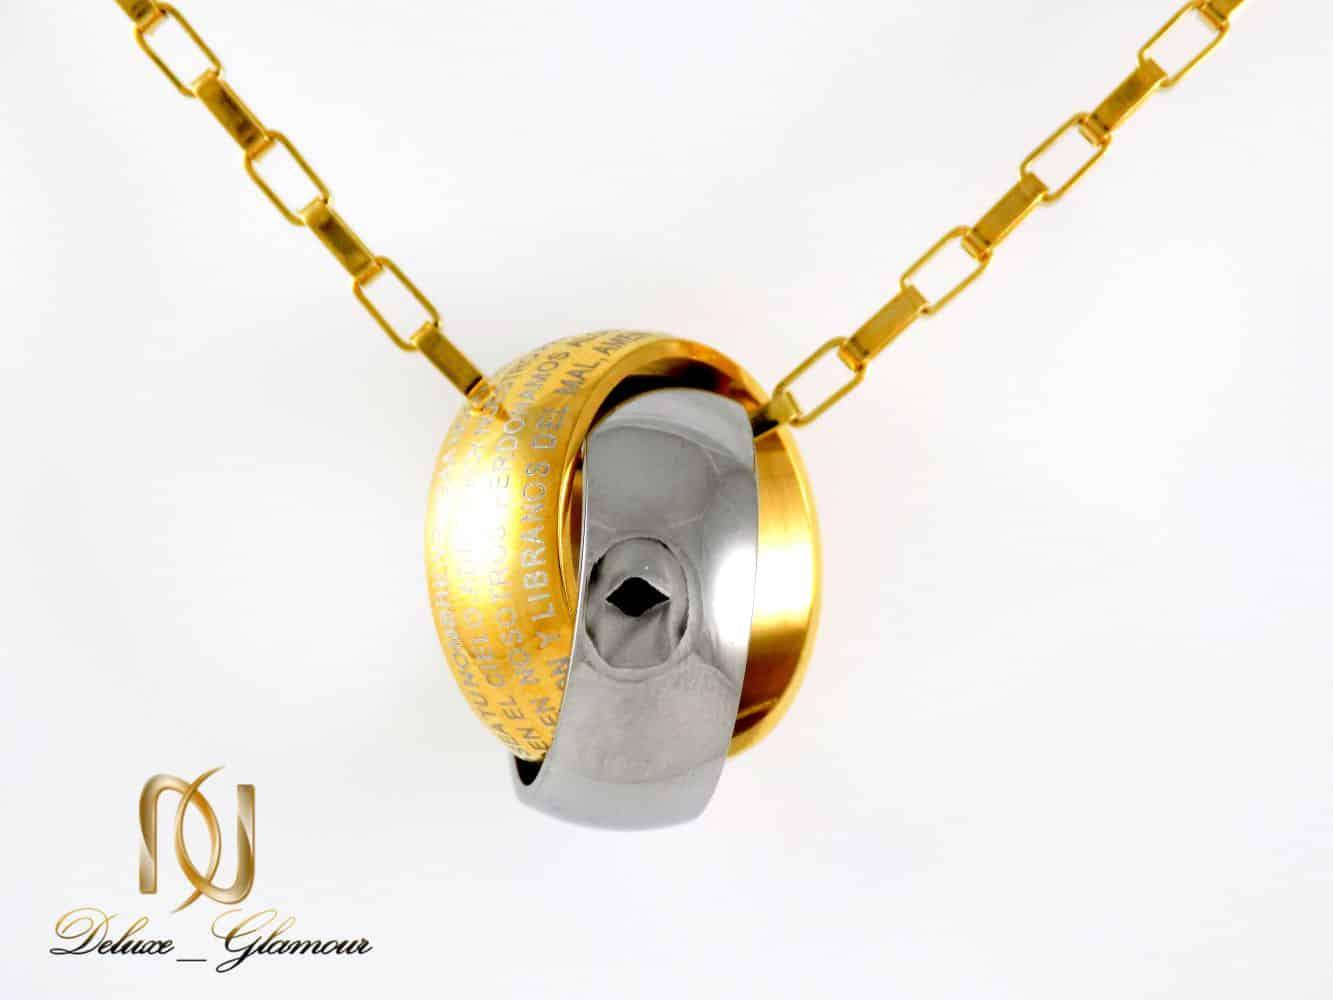 گردنبند مردانه طرح حلقه در هم نقره ای و طلایی با زنجیر آجری nw-n186 از نمای روبرو